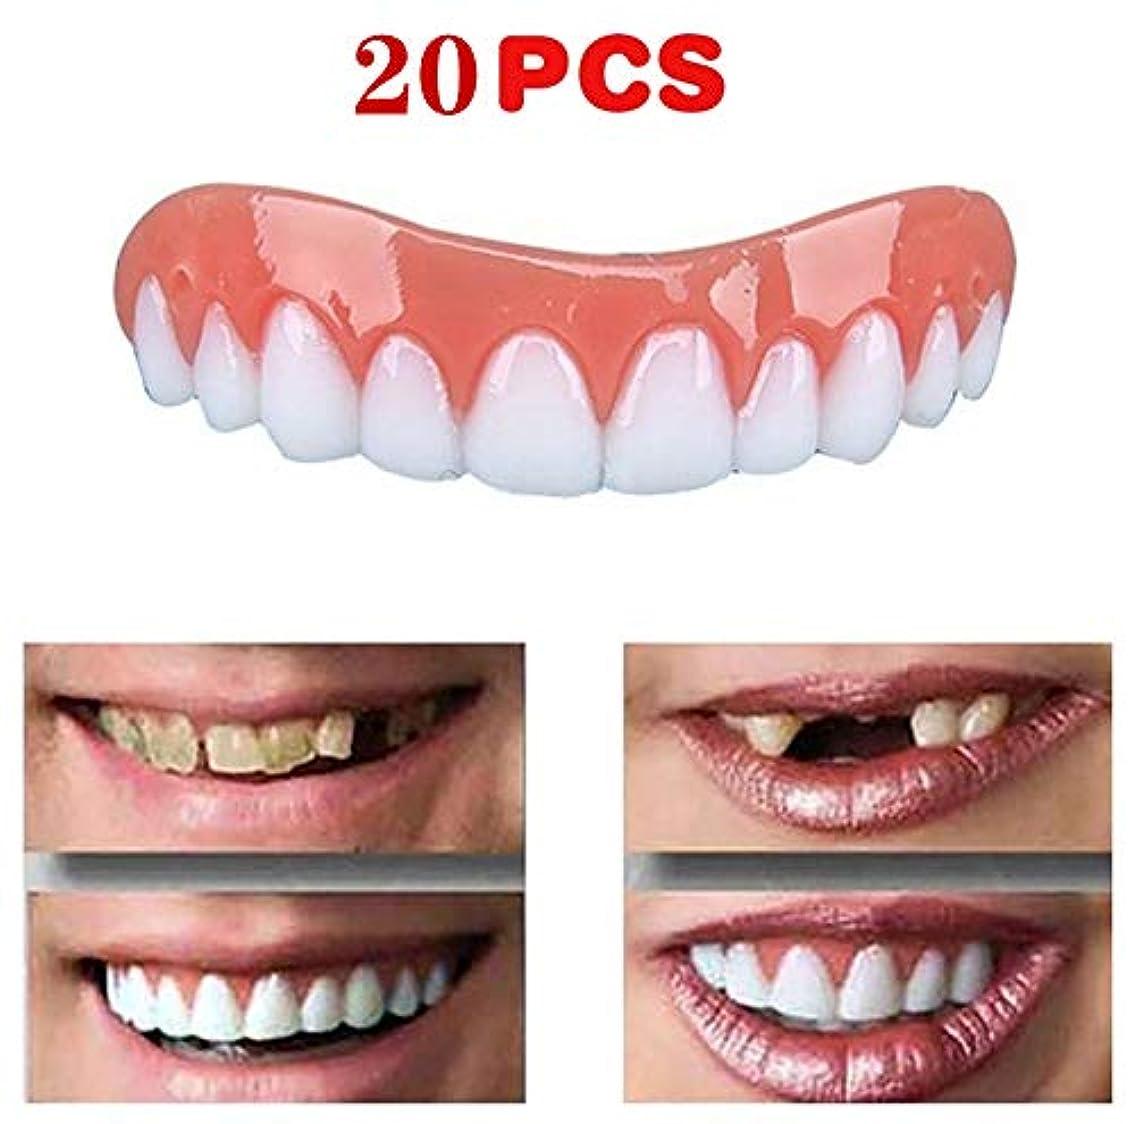 農場パワーセルメニュー20ピース新しい再利用可能な大人のスナップオンパーフェクトスマイルホワイトニング義歯フィットフレックス化粧品歯快適な突き板カバーデンタルケアアクセサリー